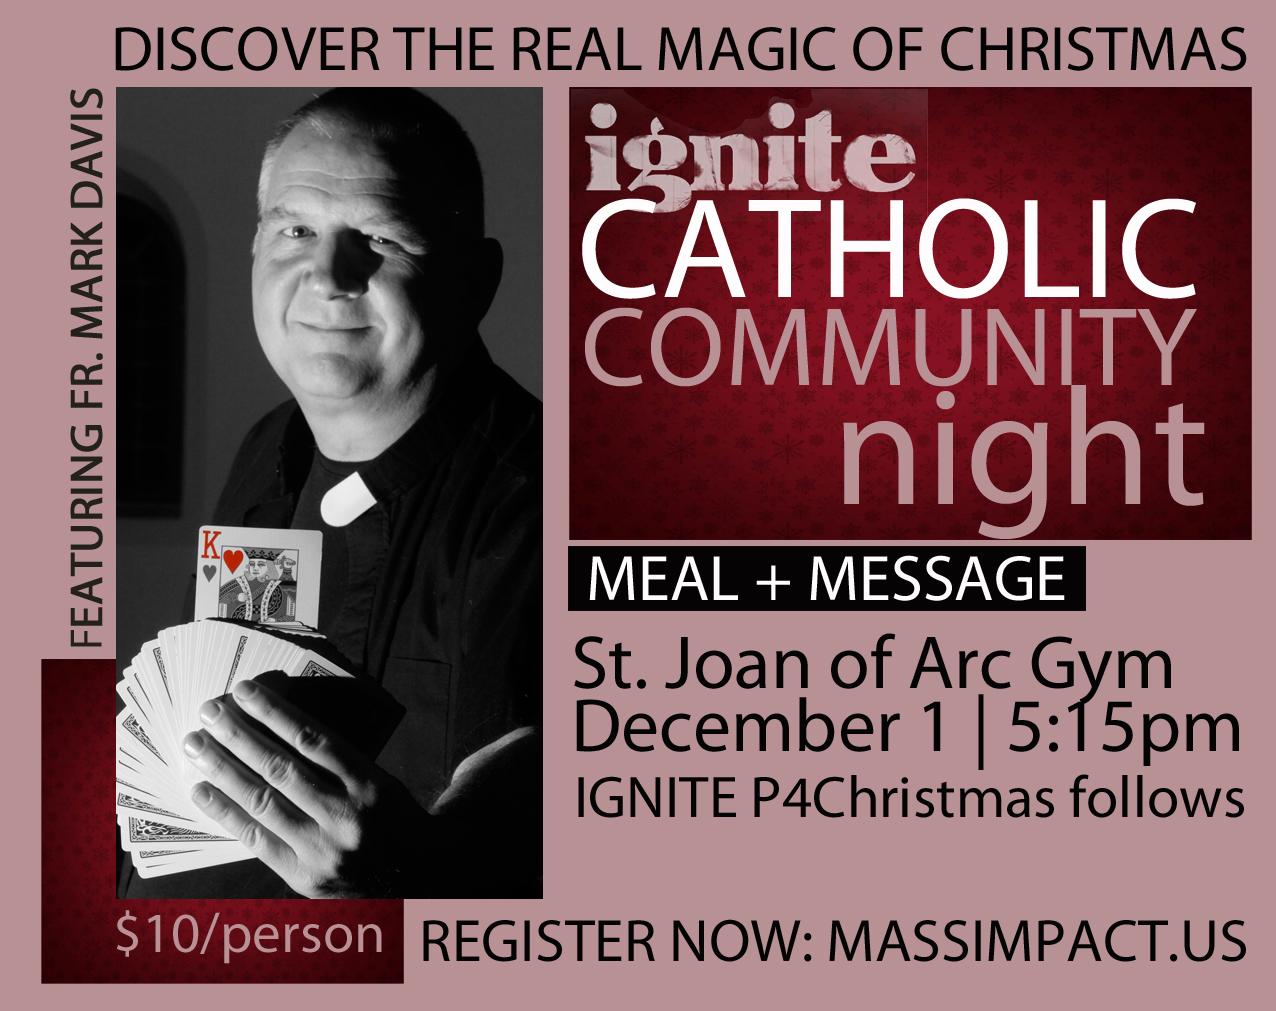 IGNITE Catholic Community